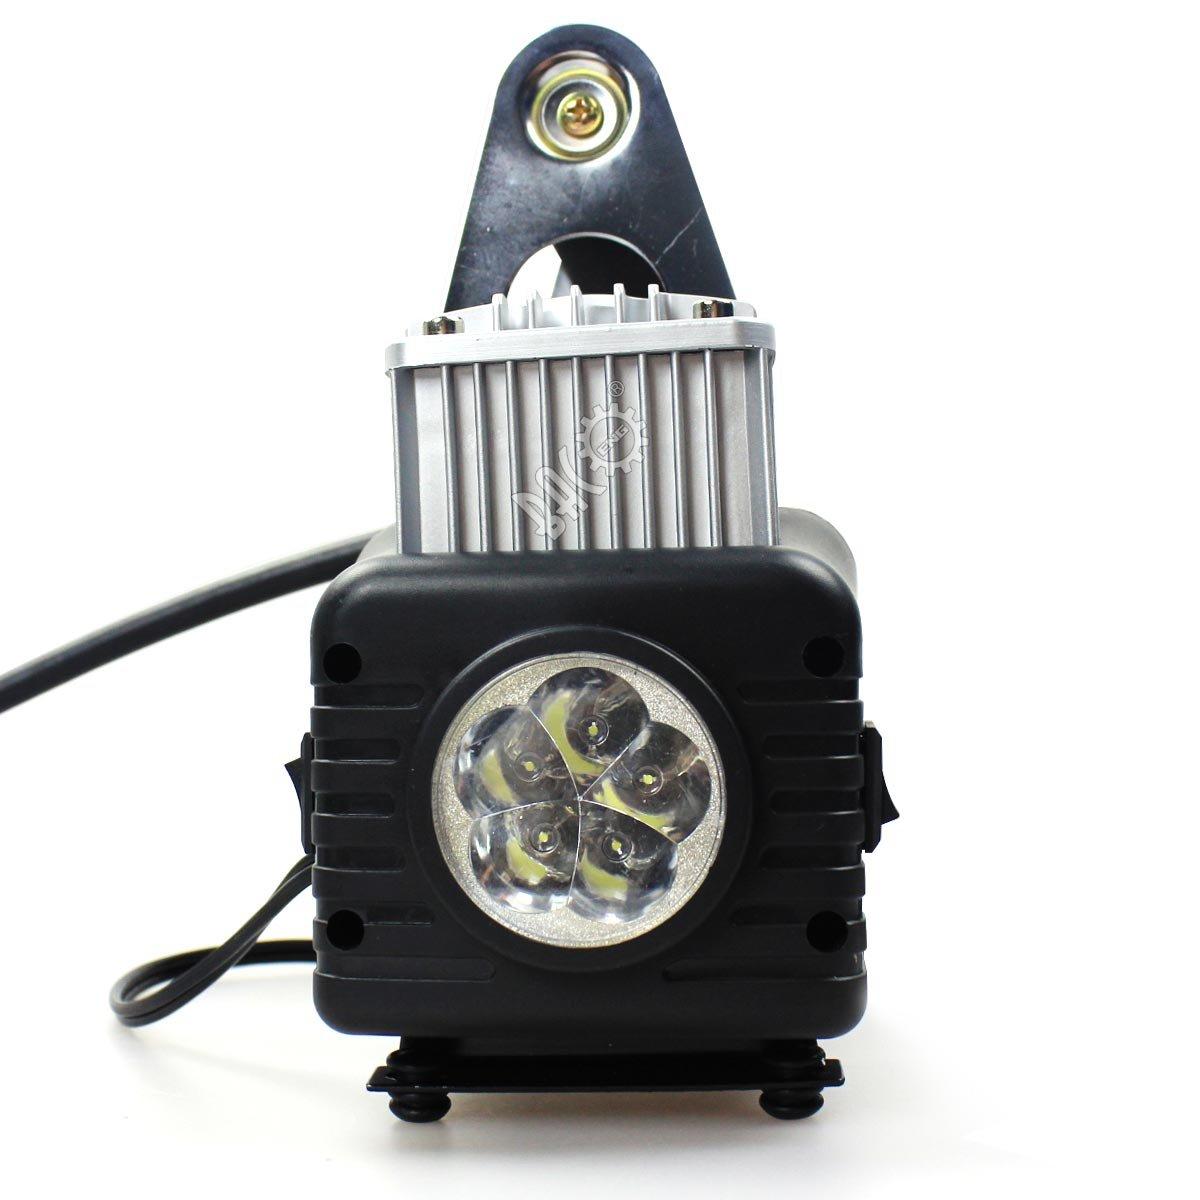 BACOAENG Doppio cilindro Compressore per auto con manometro e illuminazione 12 V 150 psi